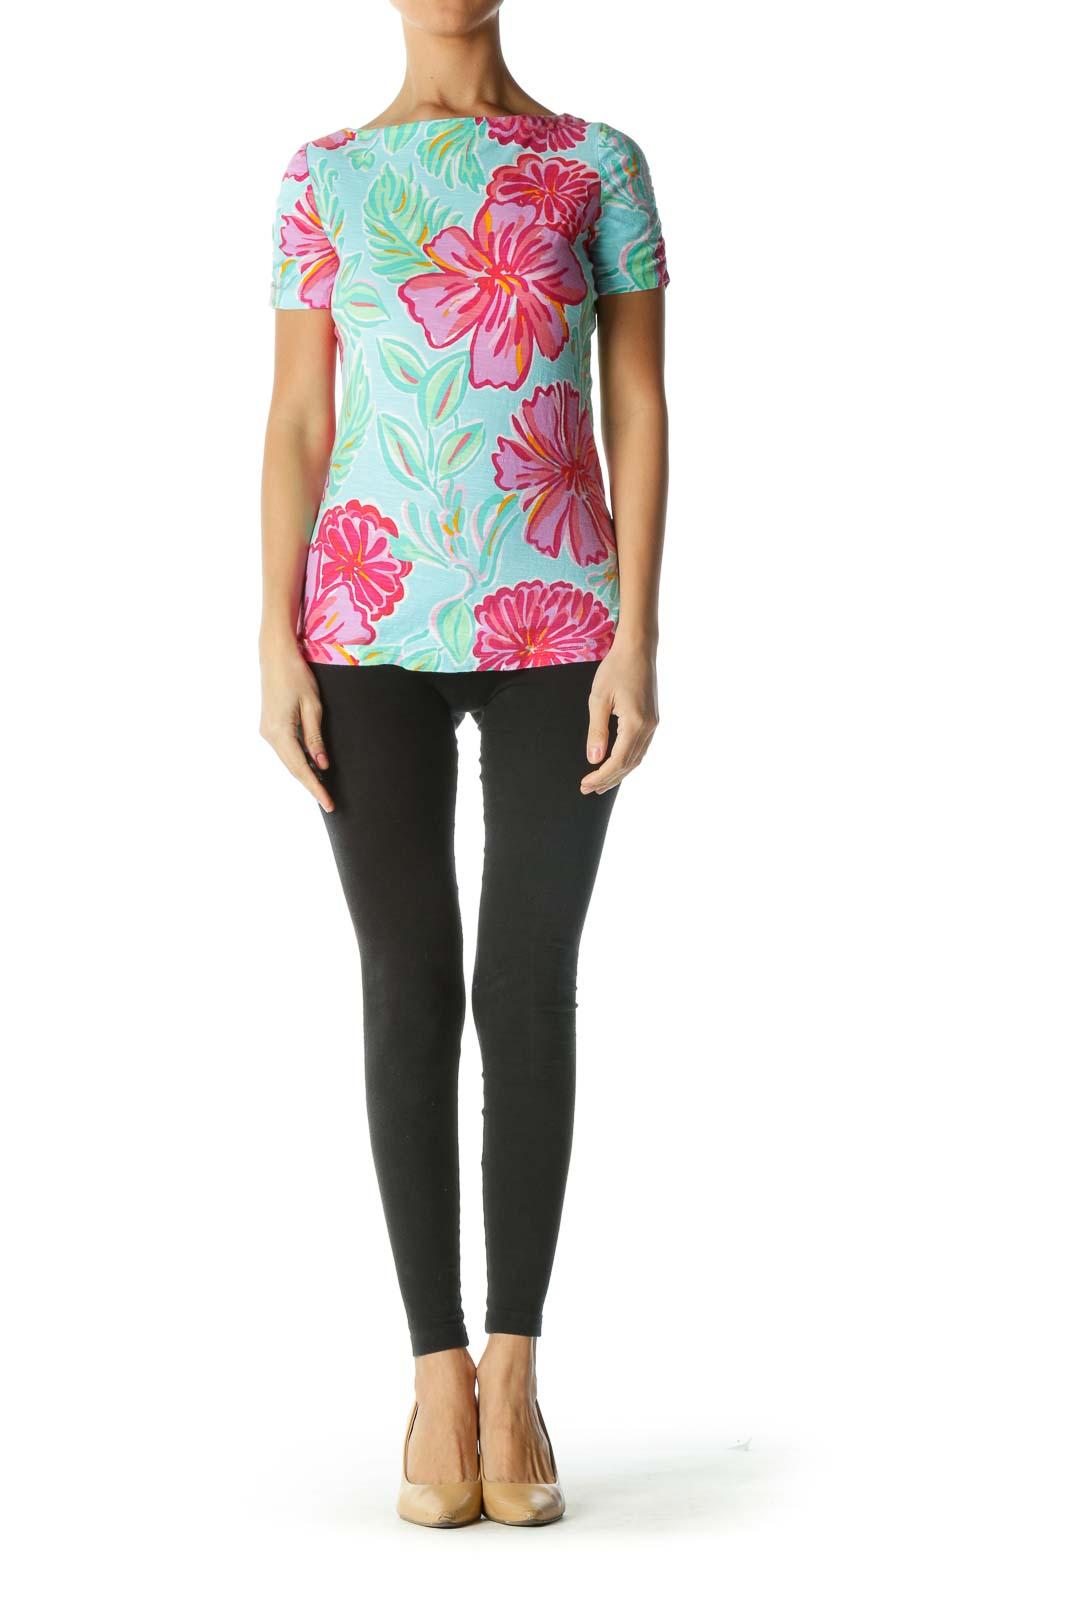 Pink Blue Orange 100% Cotton Floral Print T-Shirt